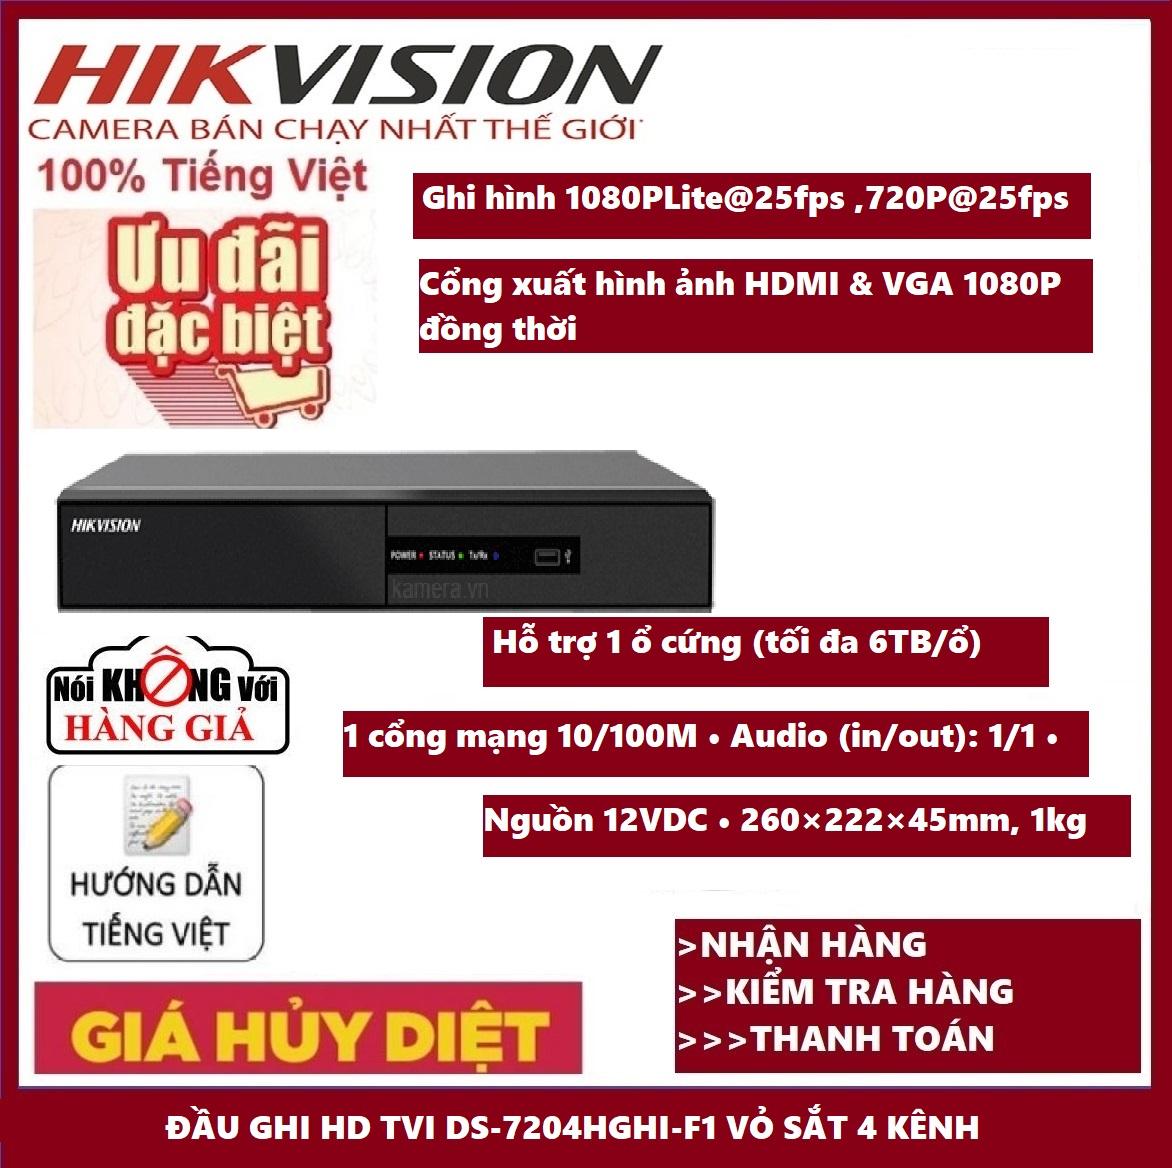 BẢO HÀNHĐầu ghi hình 4 KÊNH  vỏ sắt HD-TVI Hikvision DS-7204HGHI-F1 chuẩn H.264+